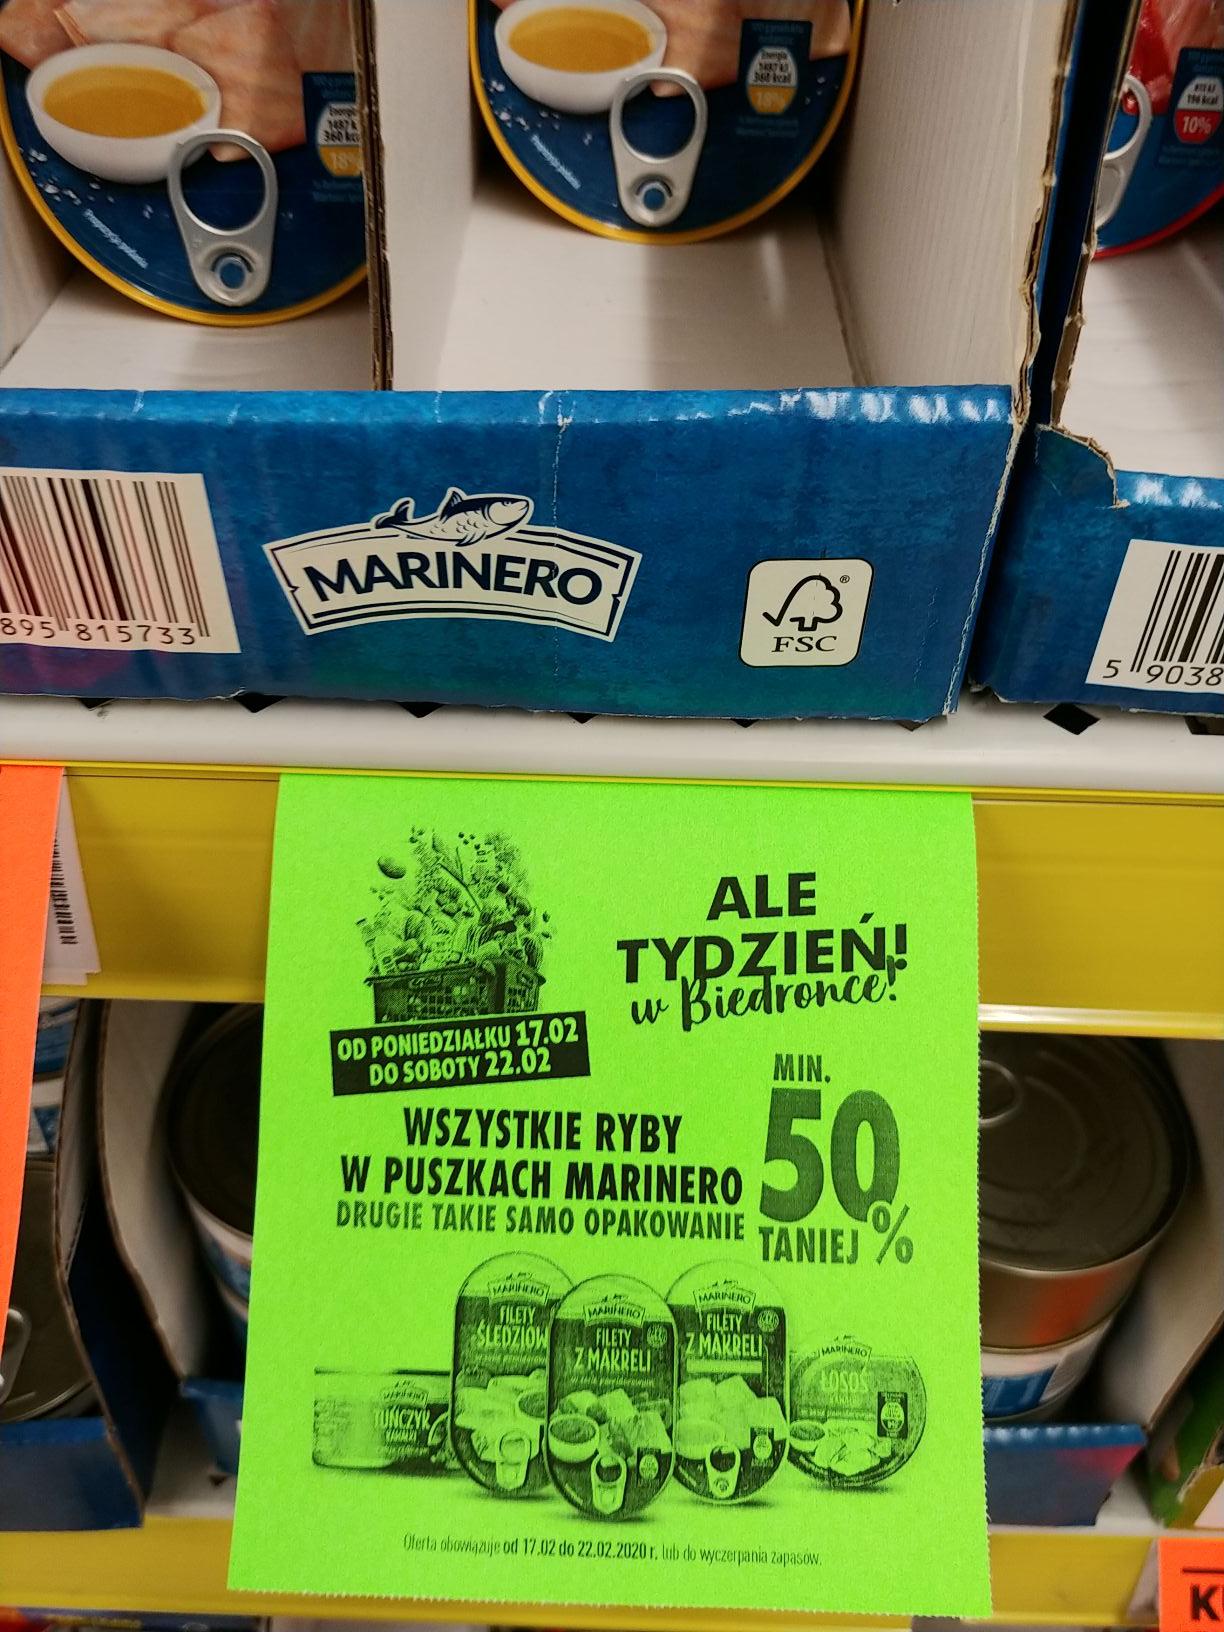 Wszystkie ryby w puszkach Marinero drugie takie samo opak. min. 50% taniej @Biedronka